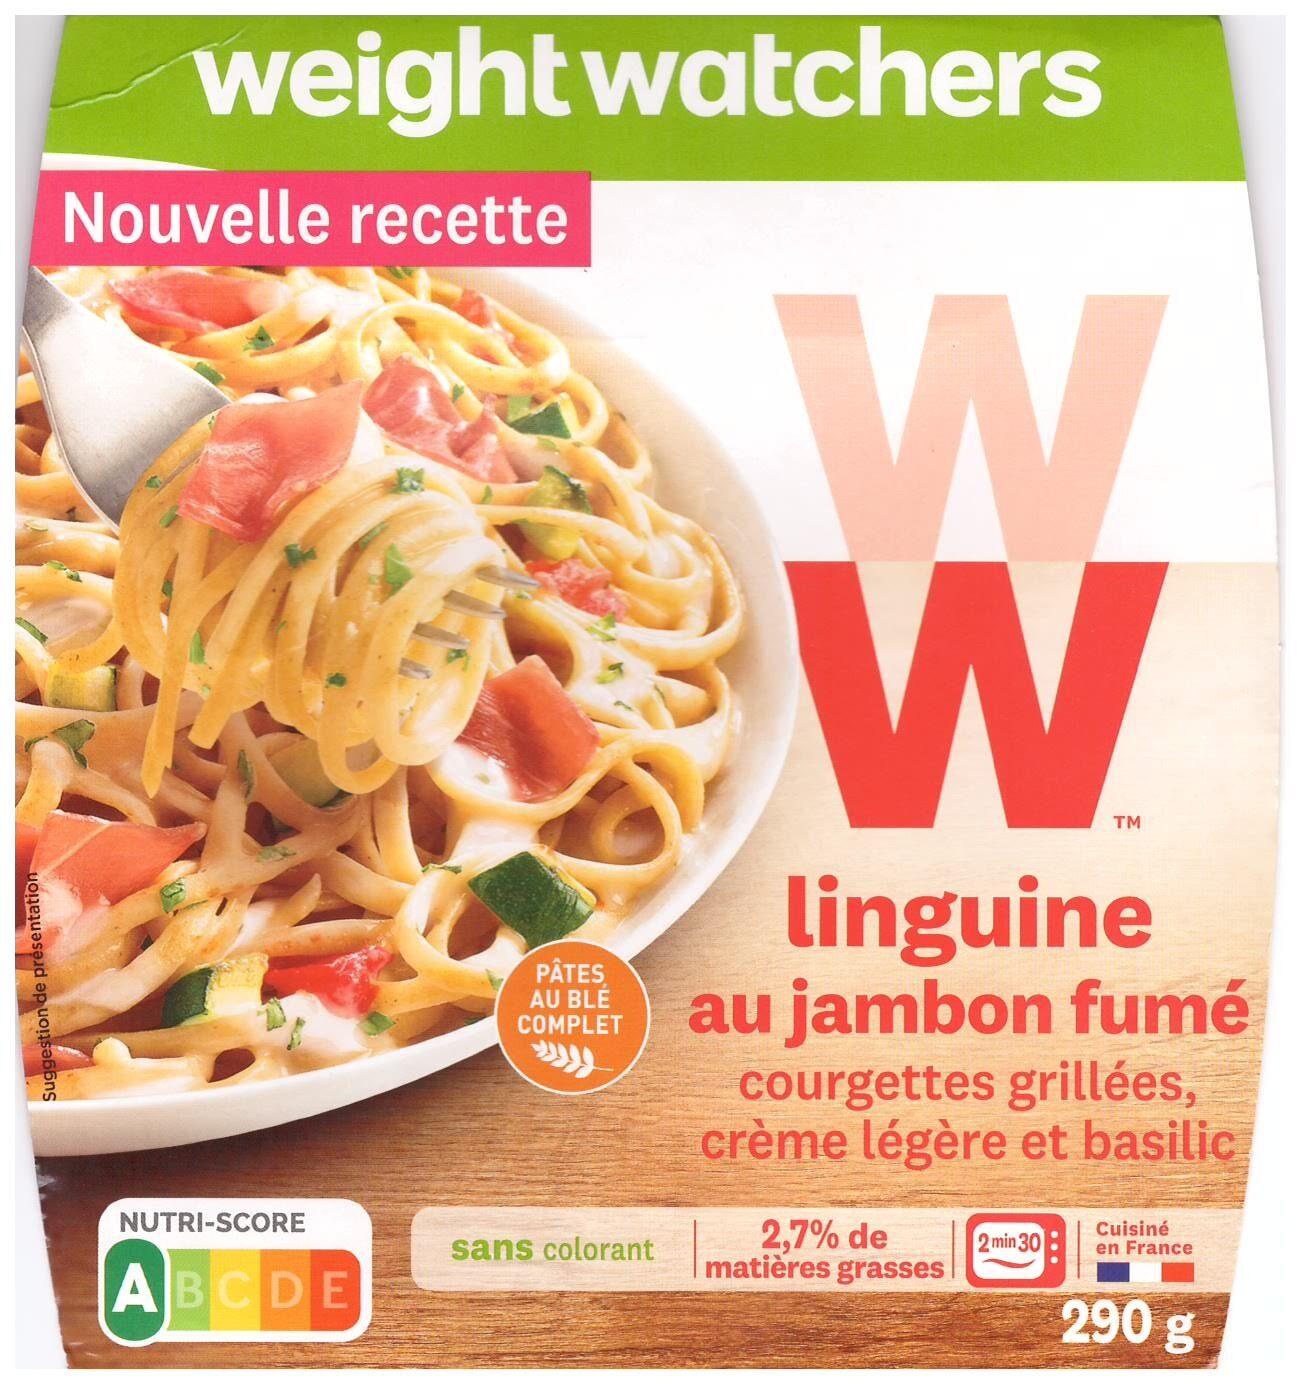 Linguine au jambon fumé - Product - fr